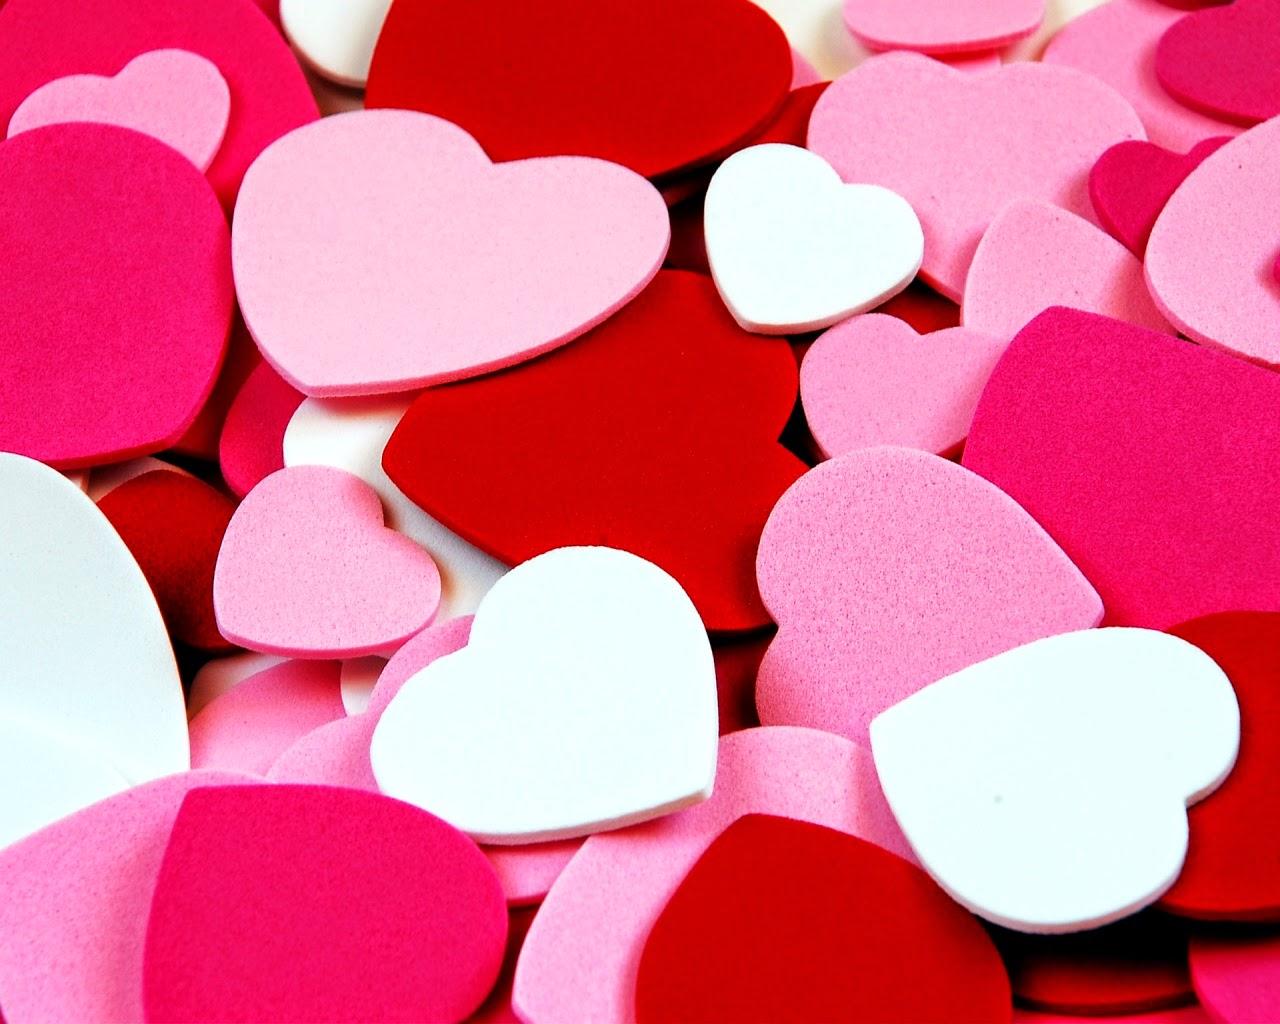 Hình nền tình yêu cực đẹp dễ thương \u0026 thơ mộng